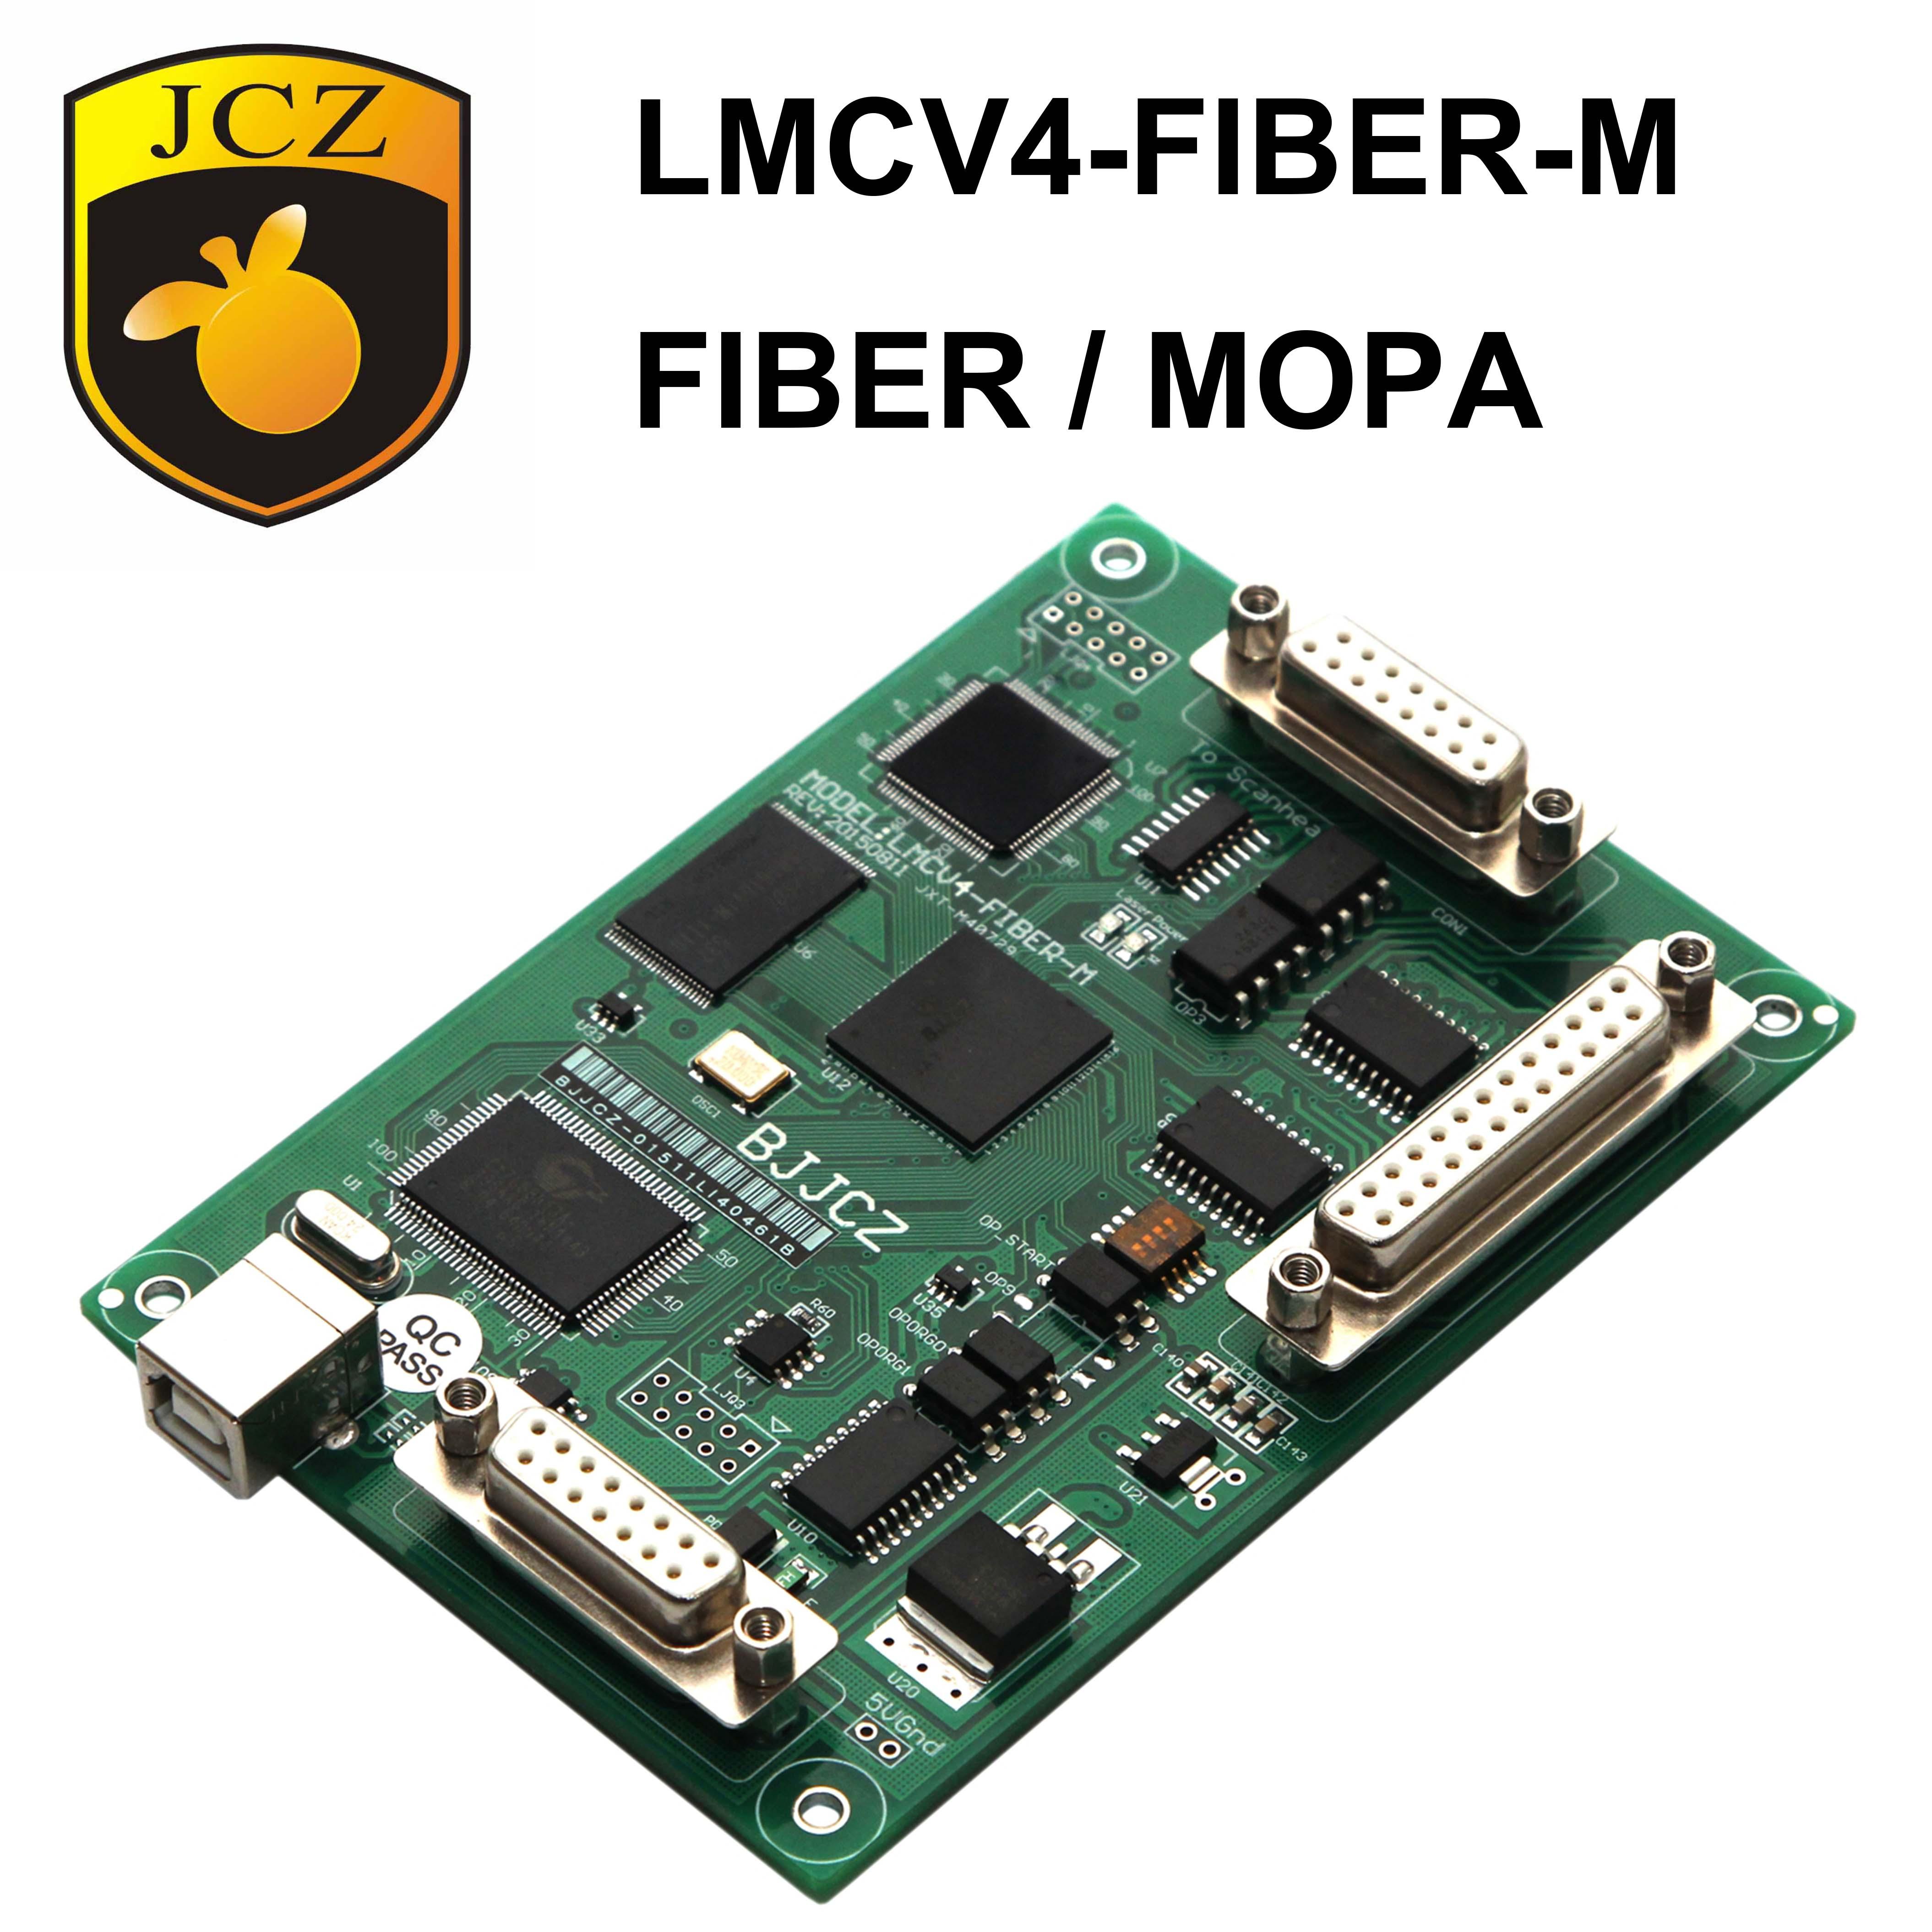 Cartão de Marcação a Laser Mestre Laser Frete Grátis Bjjcz Lmcv4-fiber-m Fibra Dpss Ezcad2 Jcz